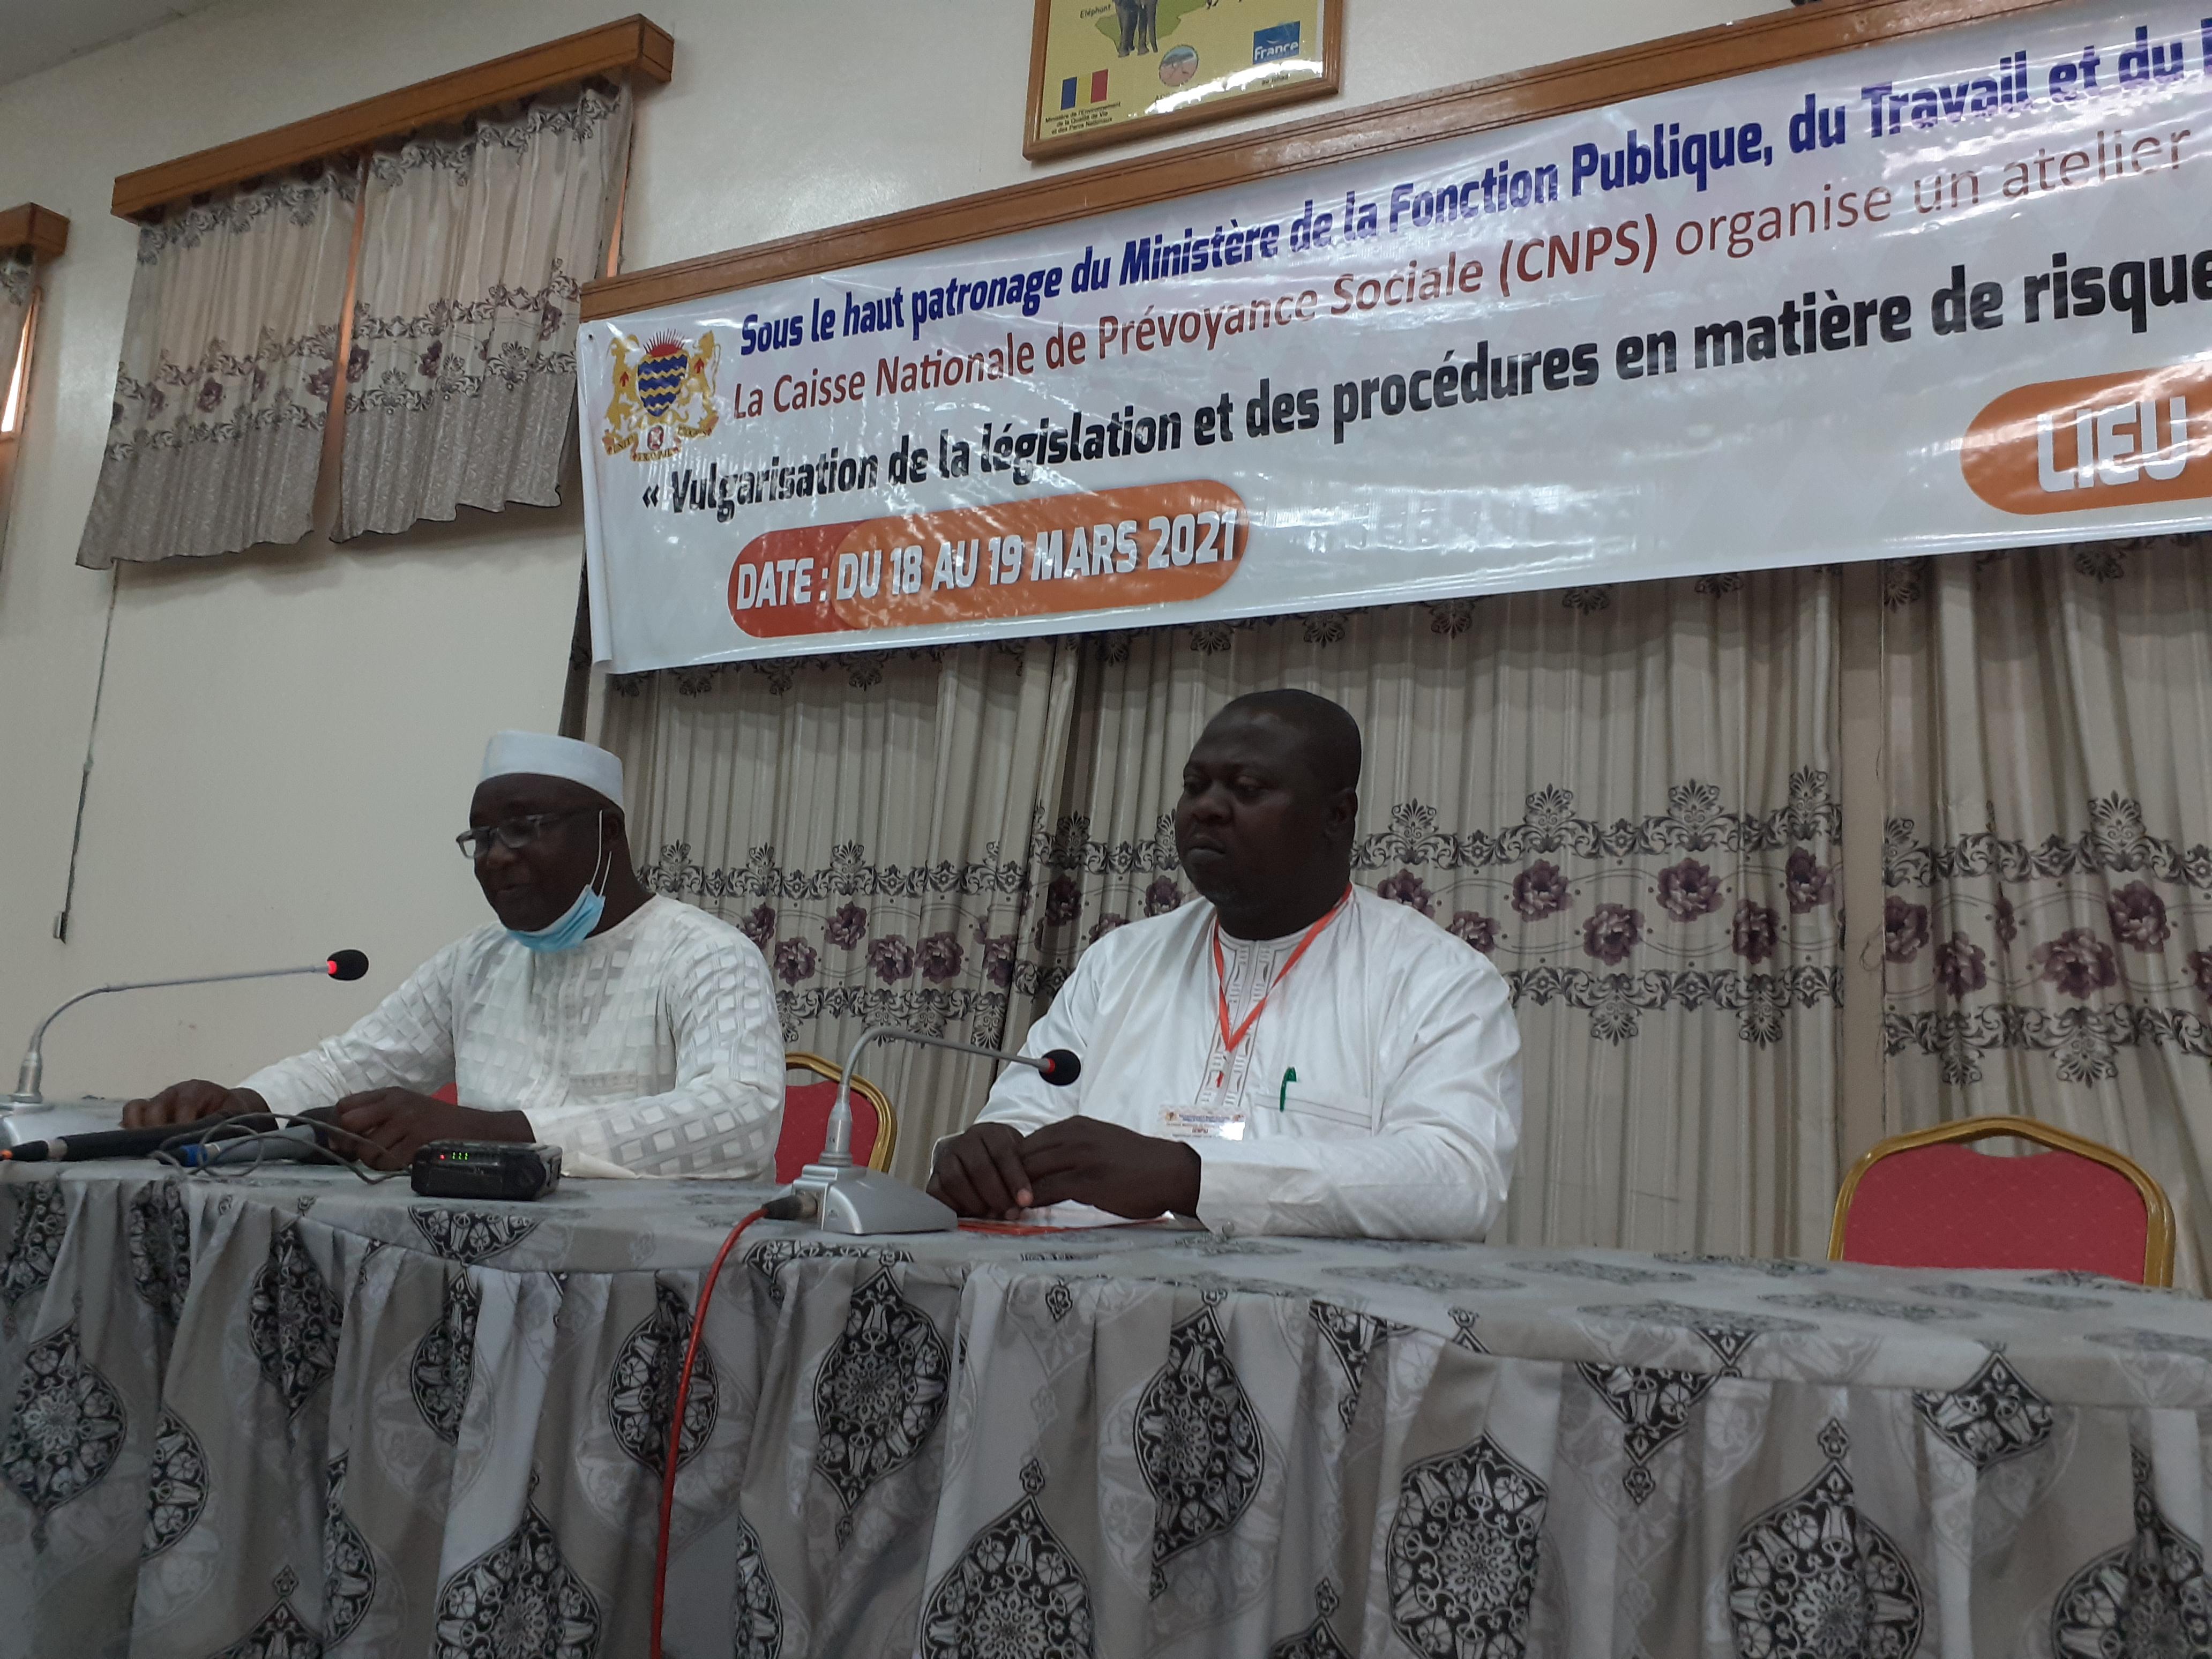 Tchad : Un atelier sur les risques professionnels au travail, organisé par la CNPS au CEFOD, du 18 au 19 mars 2021